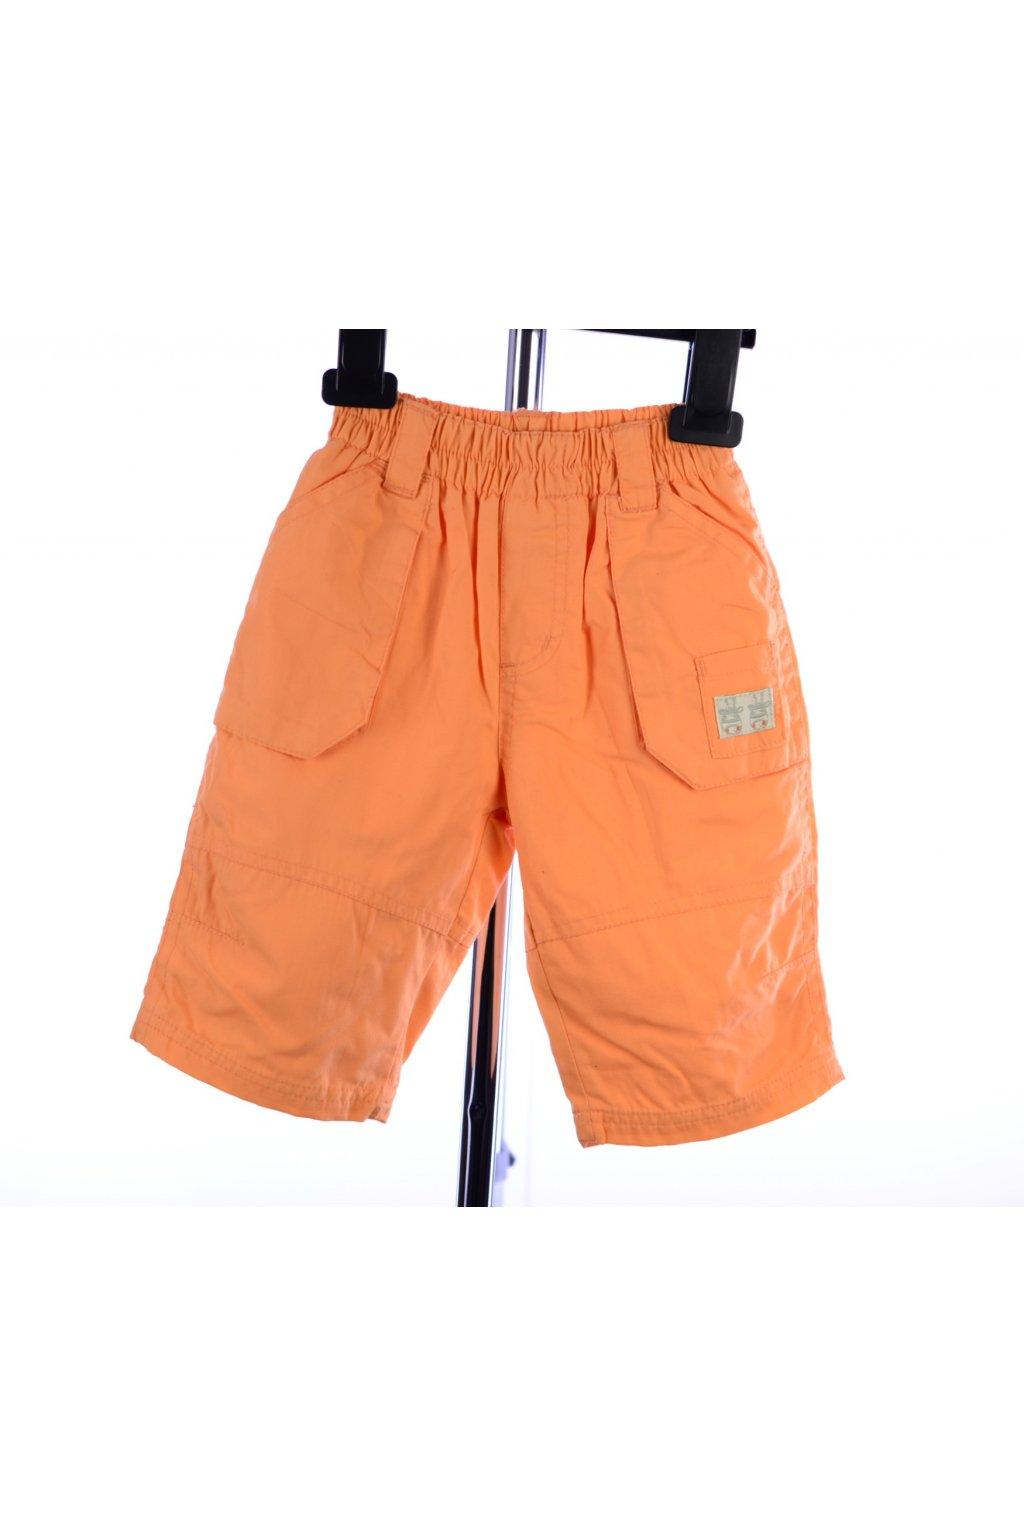 Kalhoty oranžové s podšívkou vel. 62